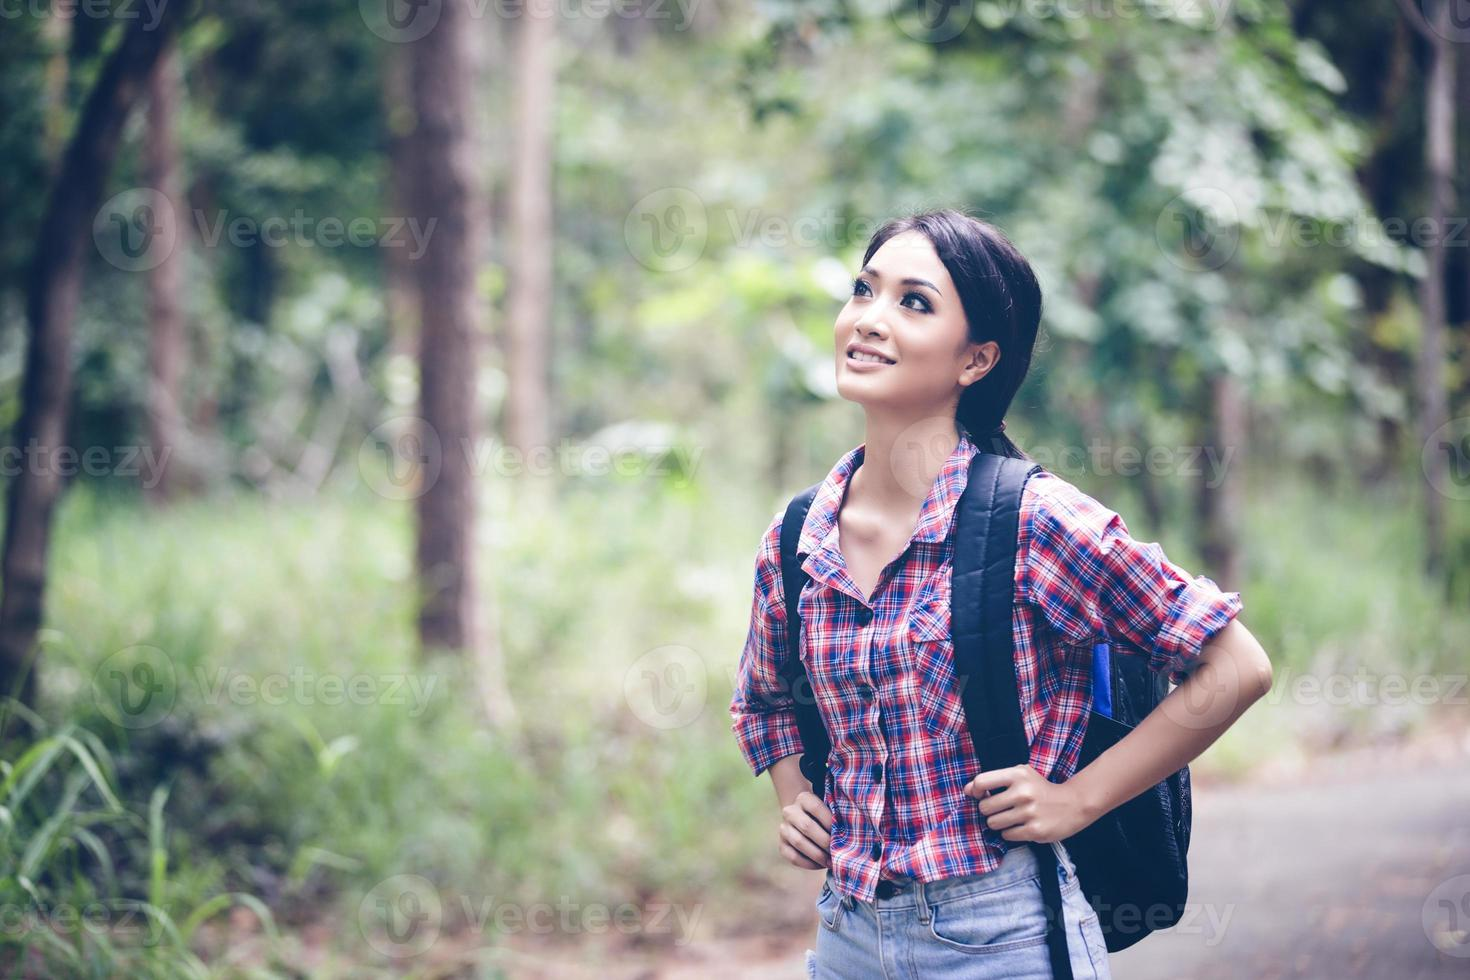 unga kvinnor vandrare på koppla av på semester koncept resa i skogen foto